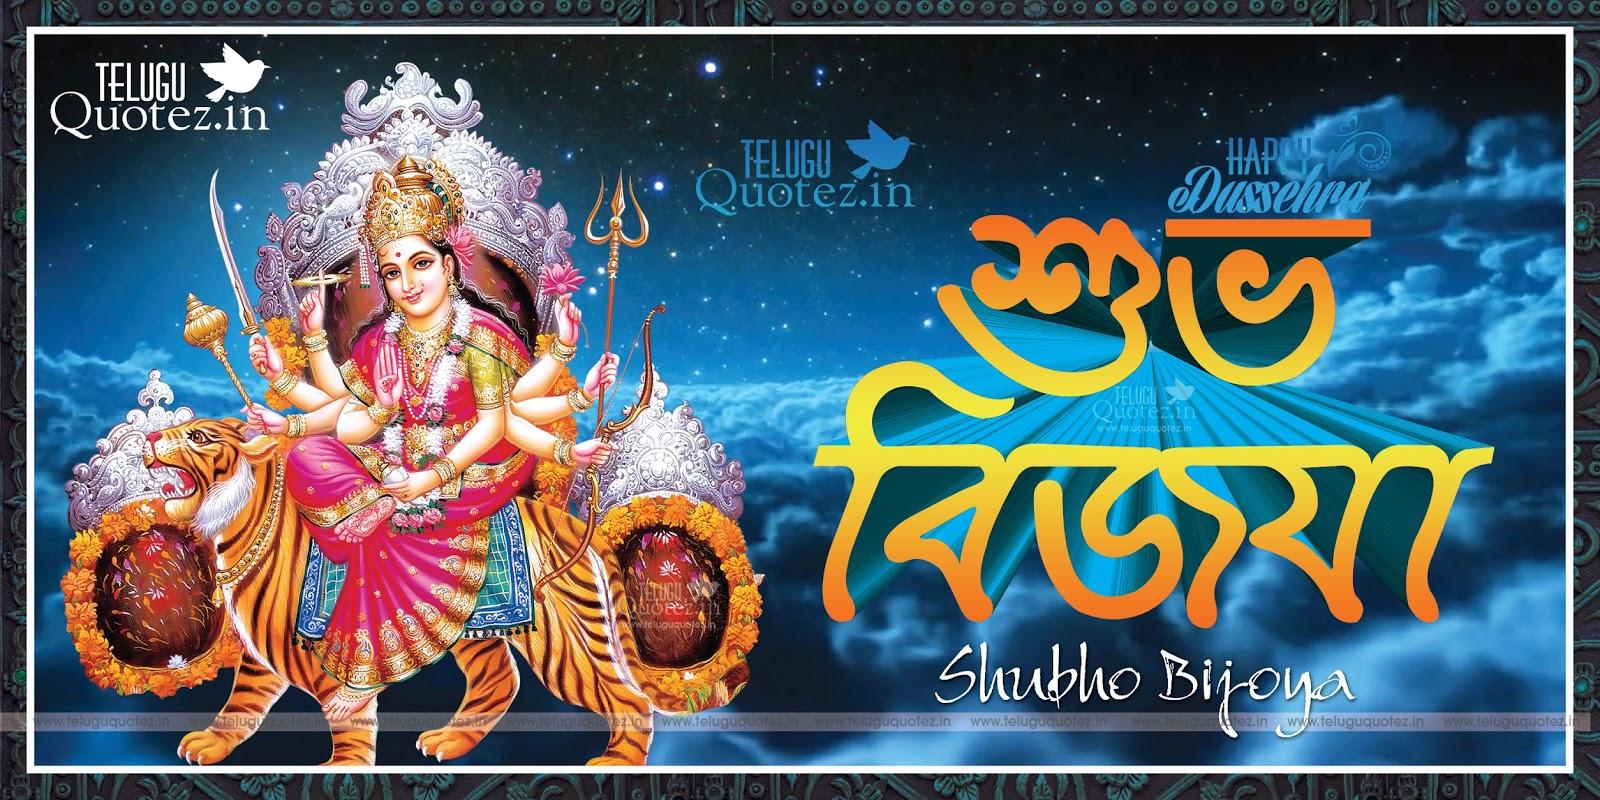 Happy dussehra bangla quotes in bengali language teluguquotez famous happy dussehra shubho bijoya bengali quotes greetings kristyandbryce Choice Image